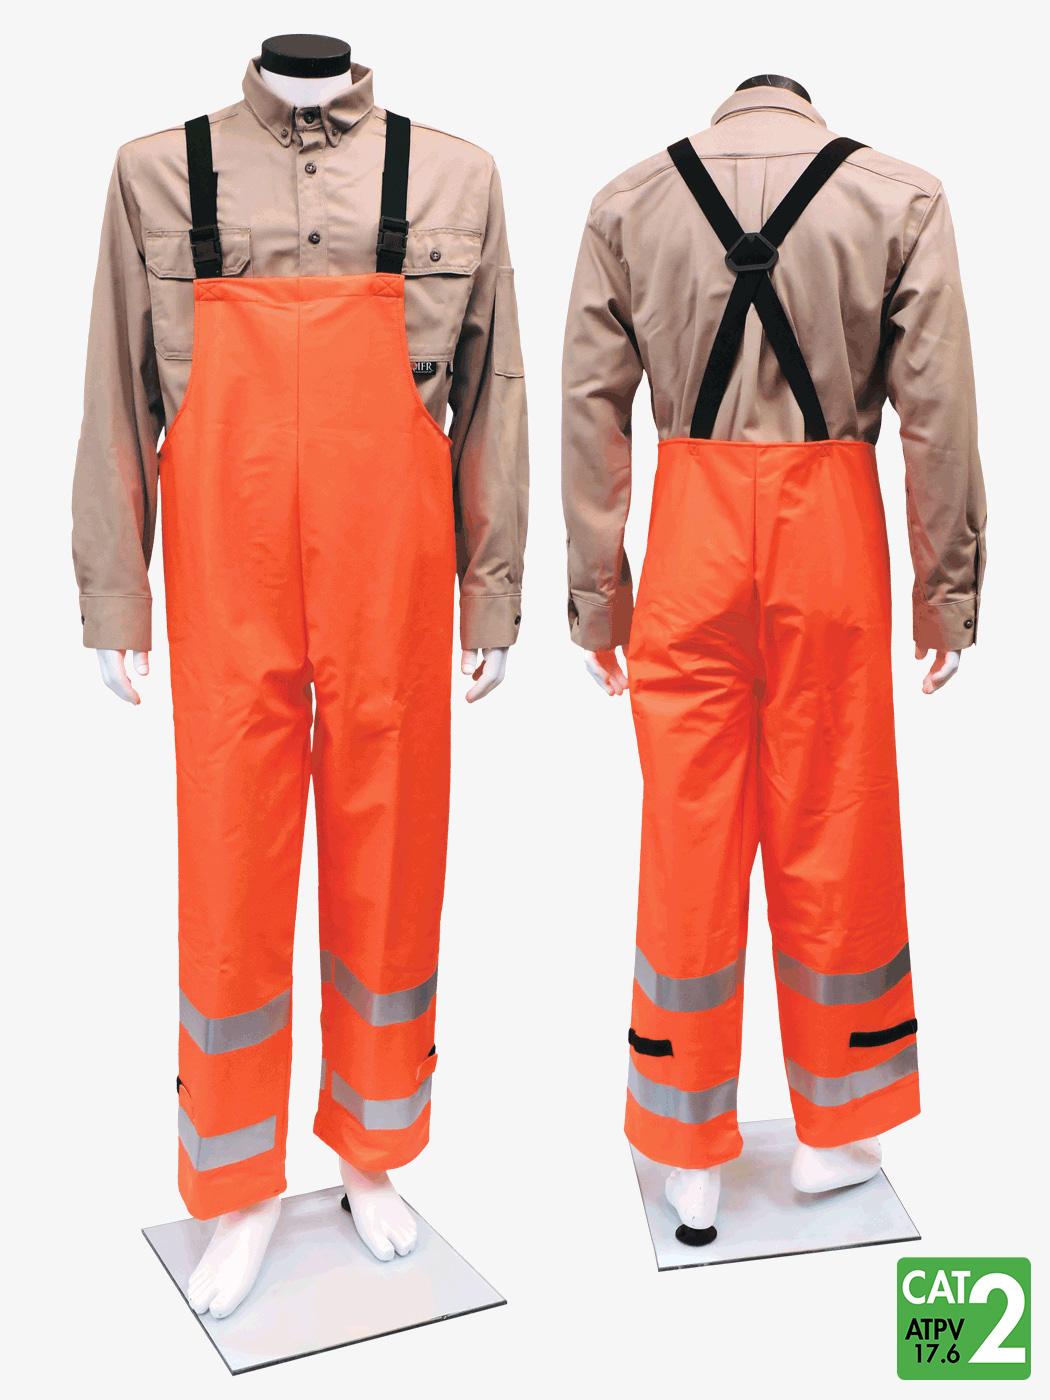 FLEXARC 10 oz Polyurethane/FR Cotton Bib Pants – Style 7215BT